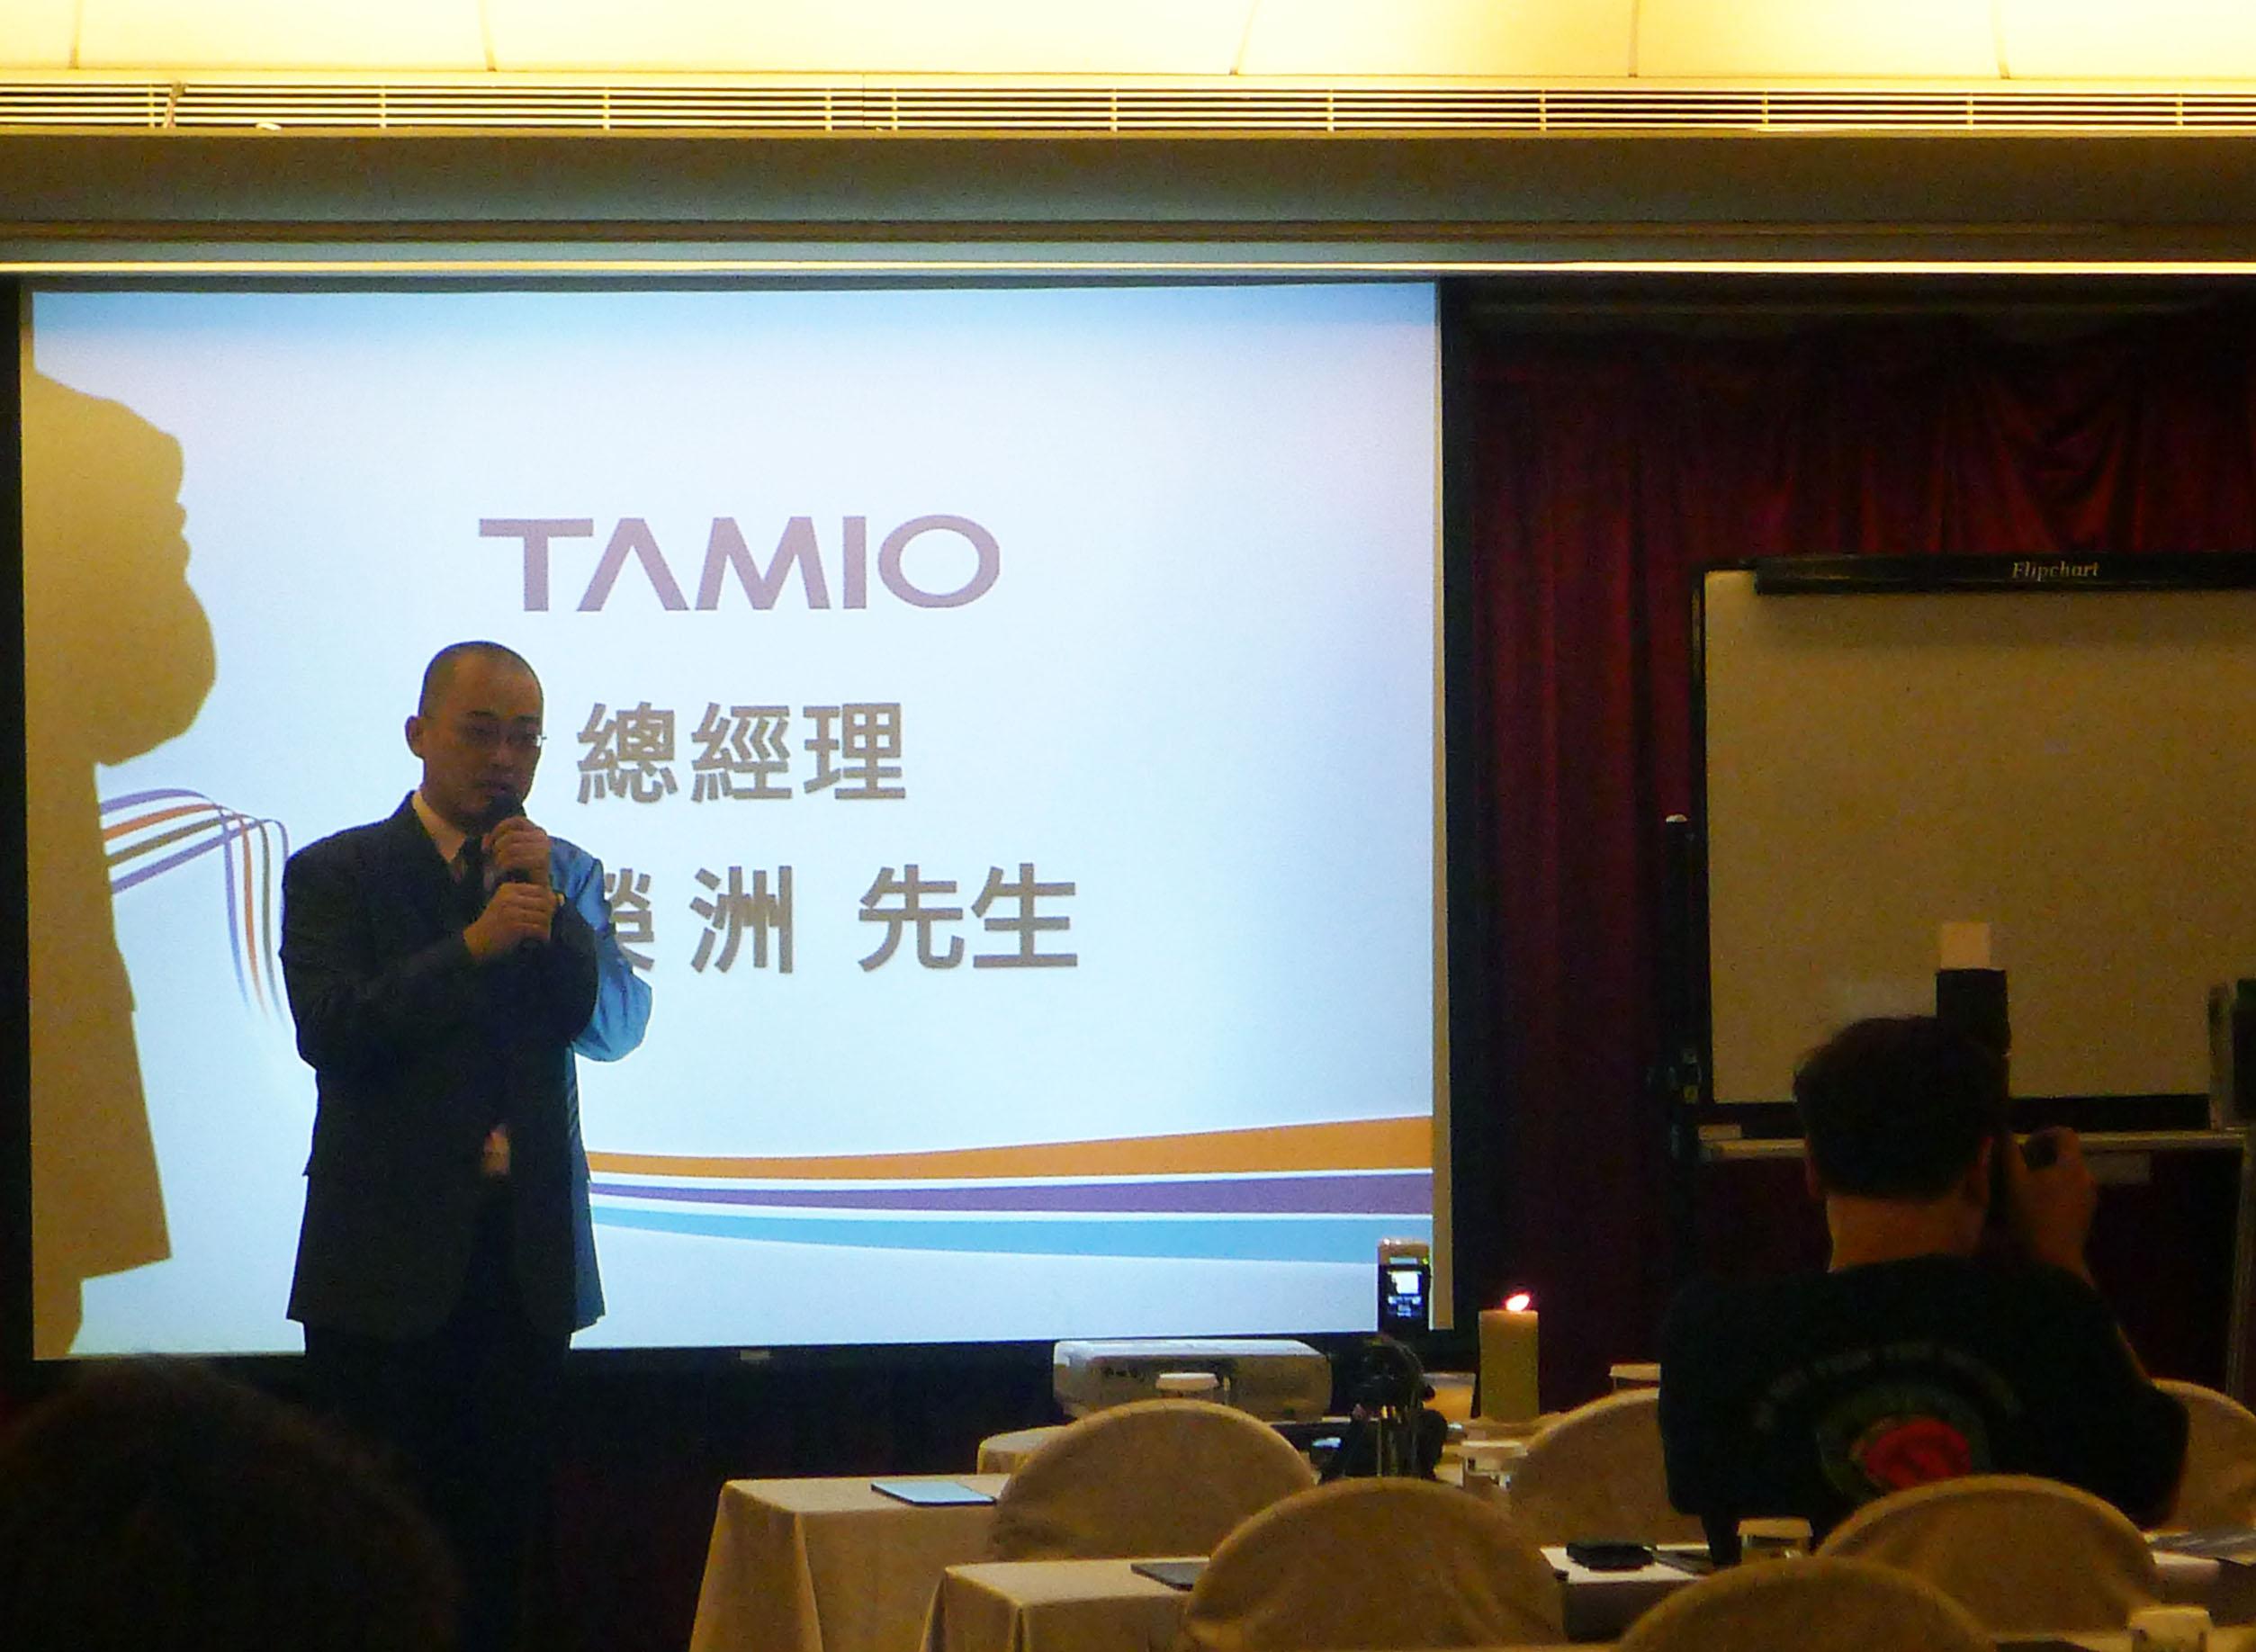 臺灣塔米歐舉辦2012秋季網說會